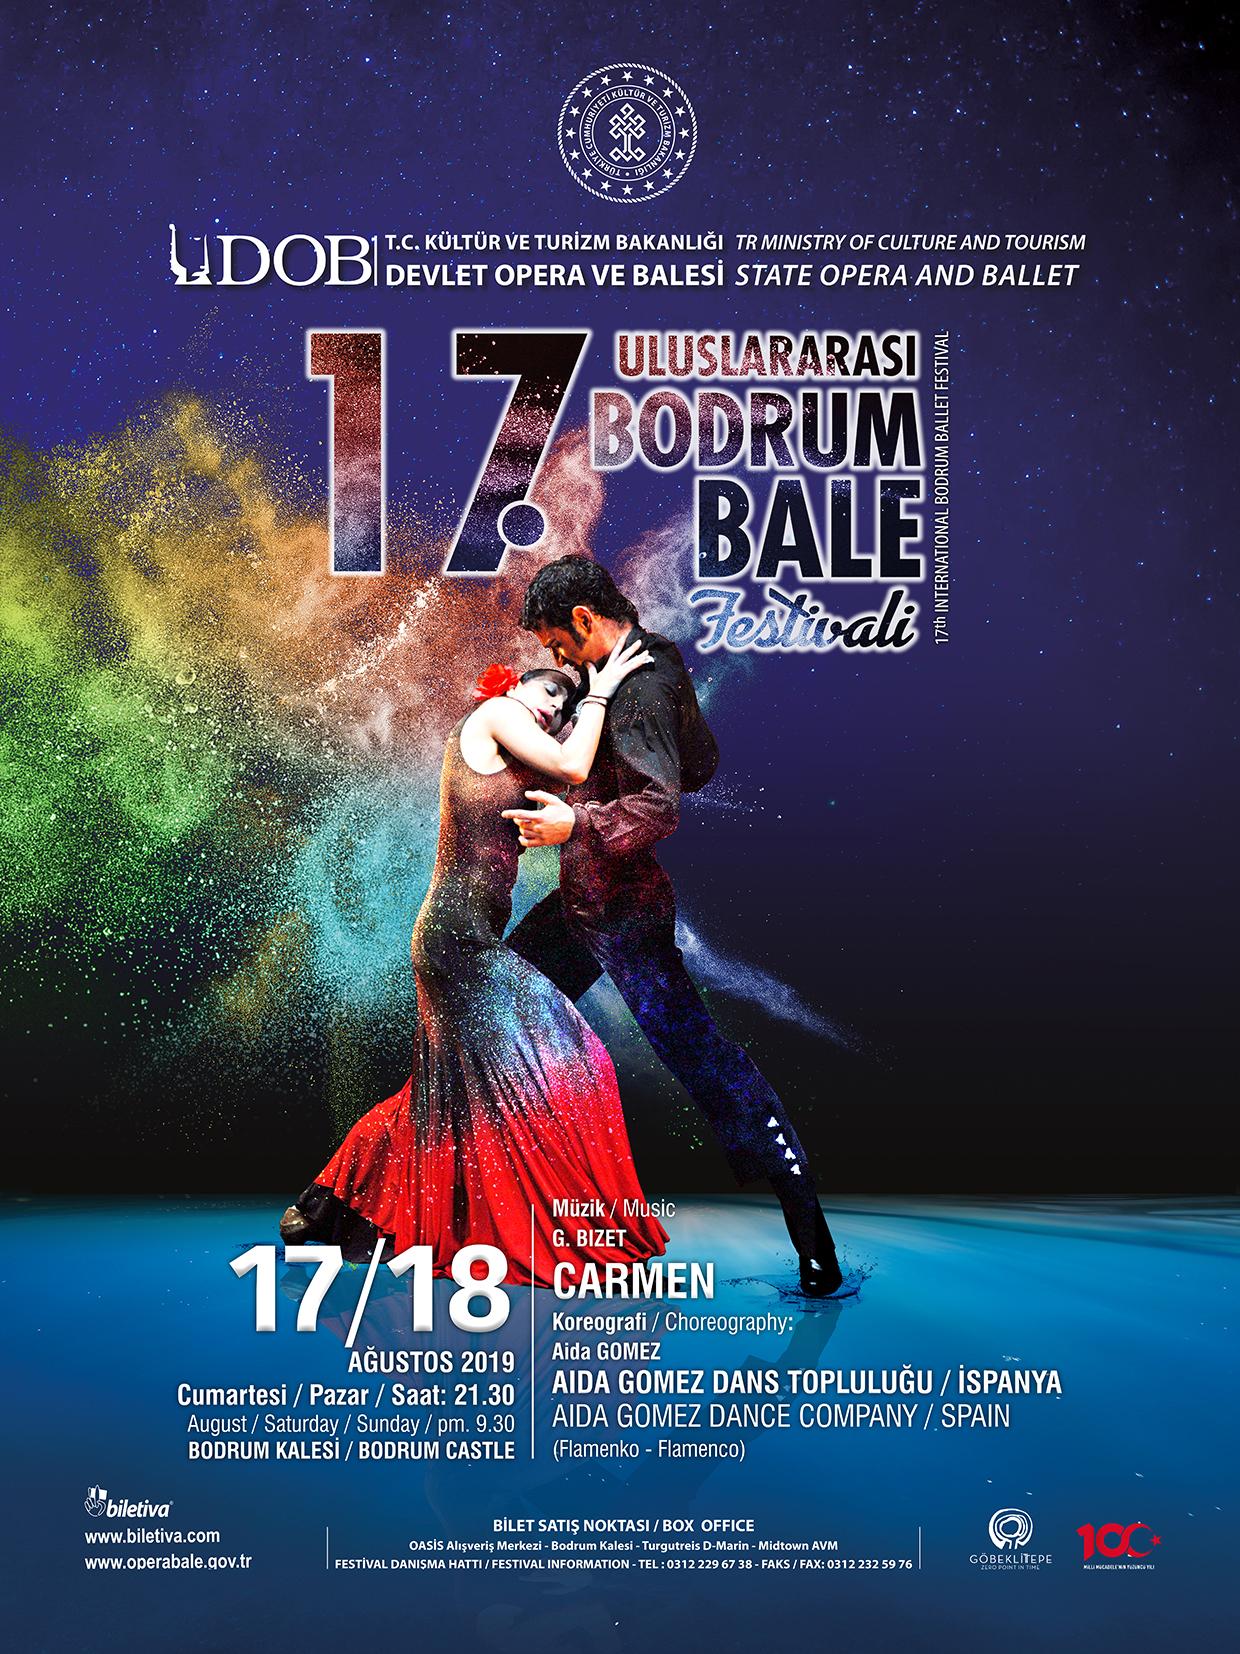 uluslararasi-bodrum-bale-festivali-1248